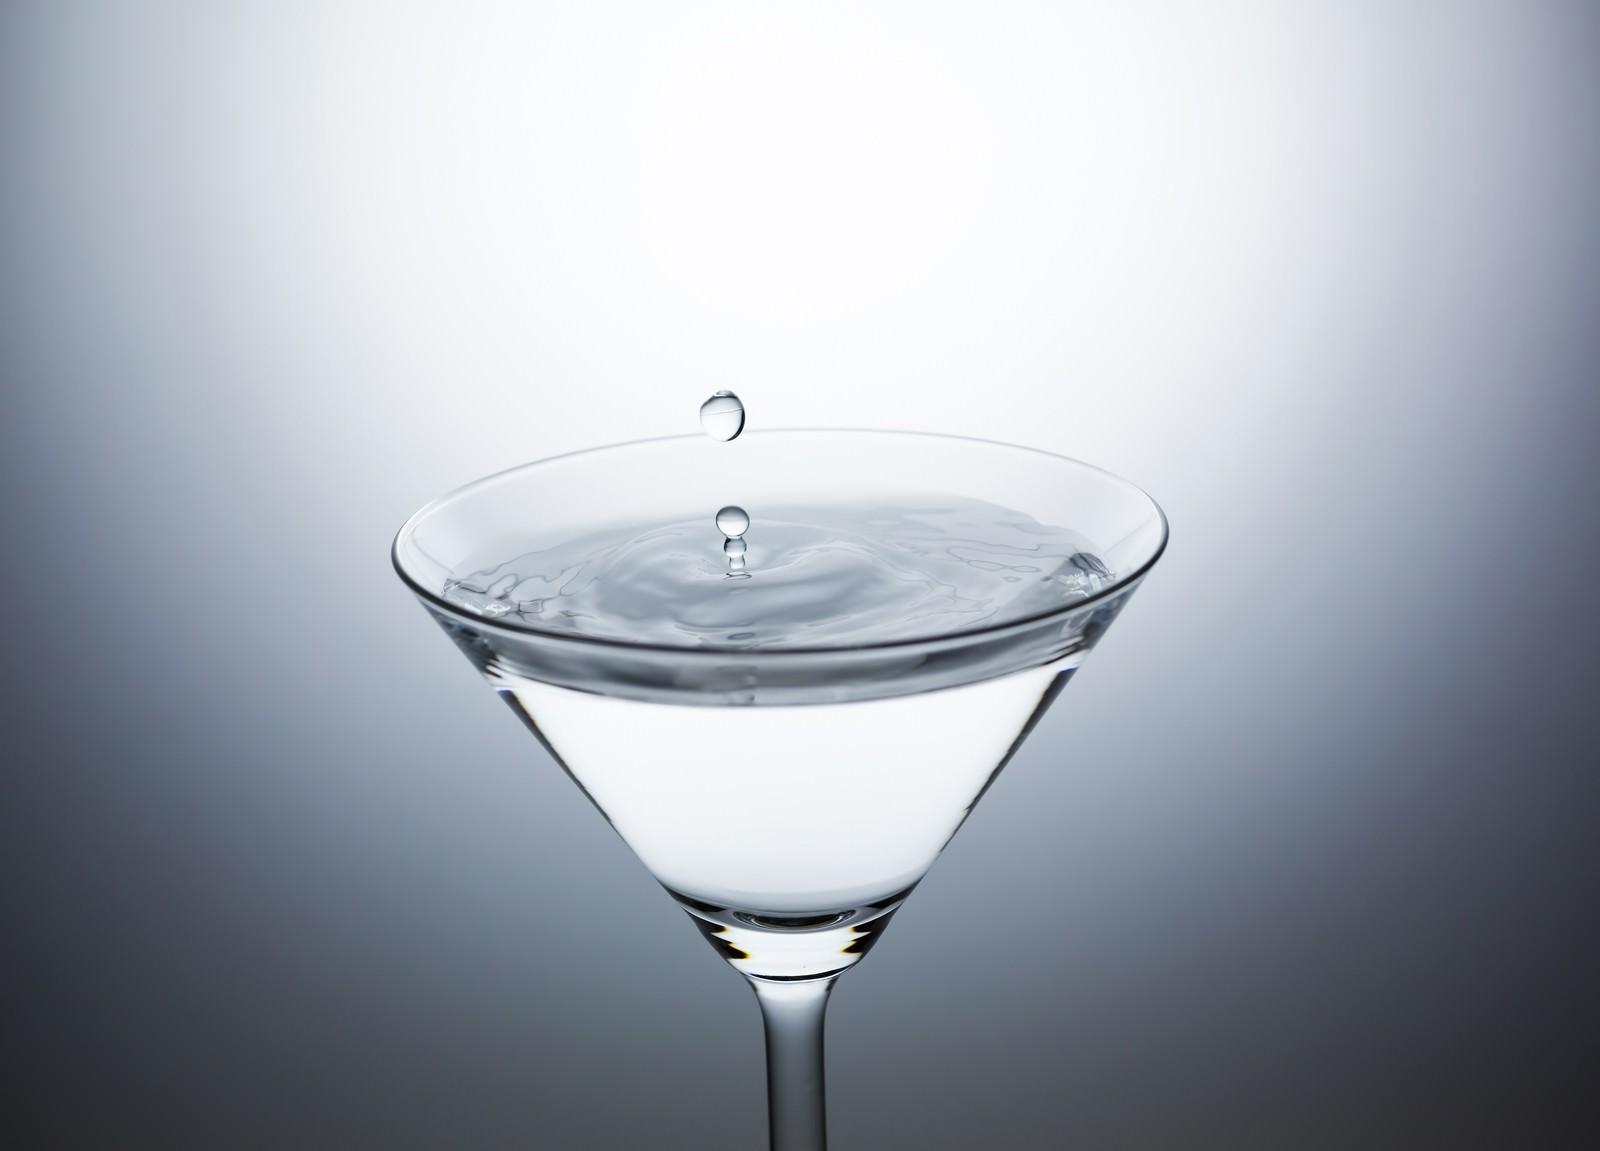 「カクテルグラスに水滴ぴちょん」の写真